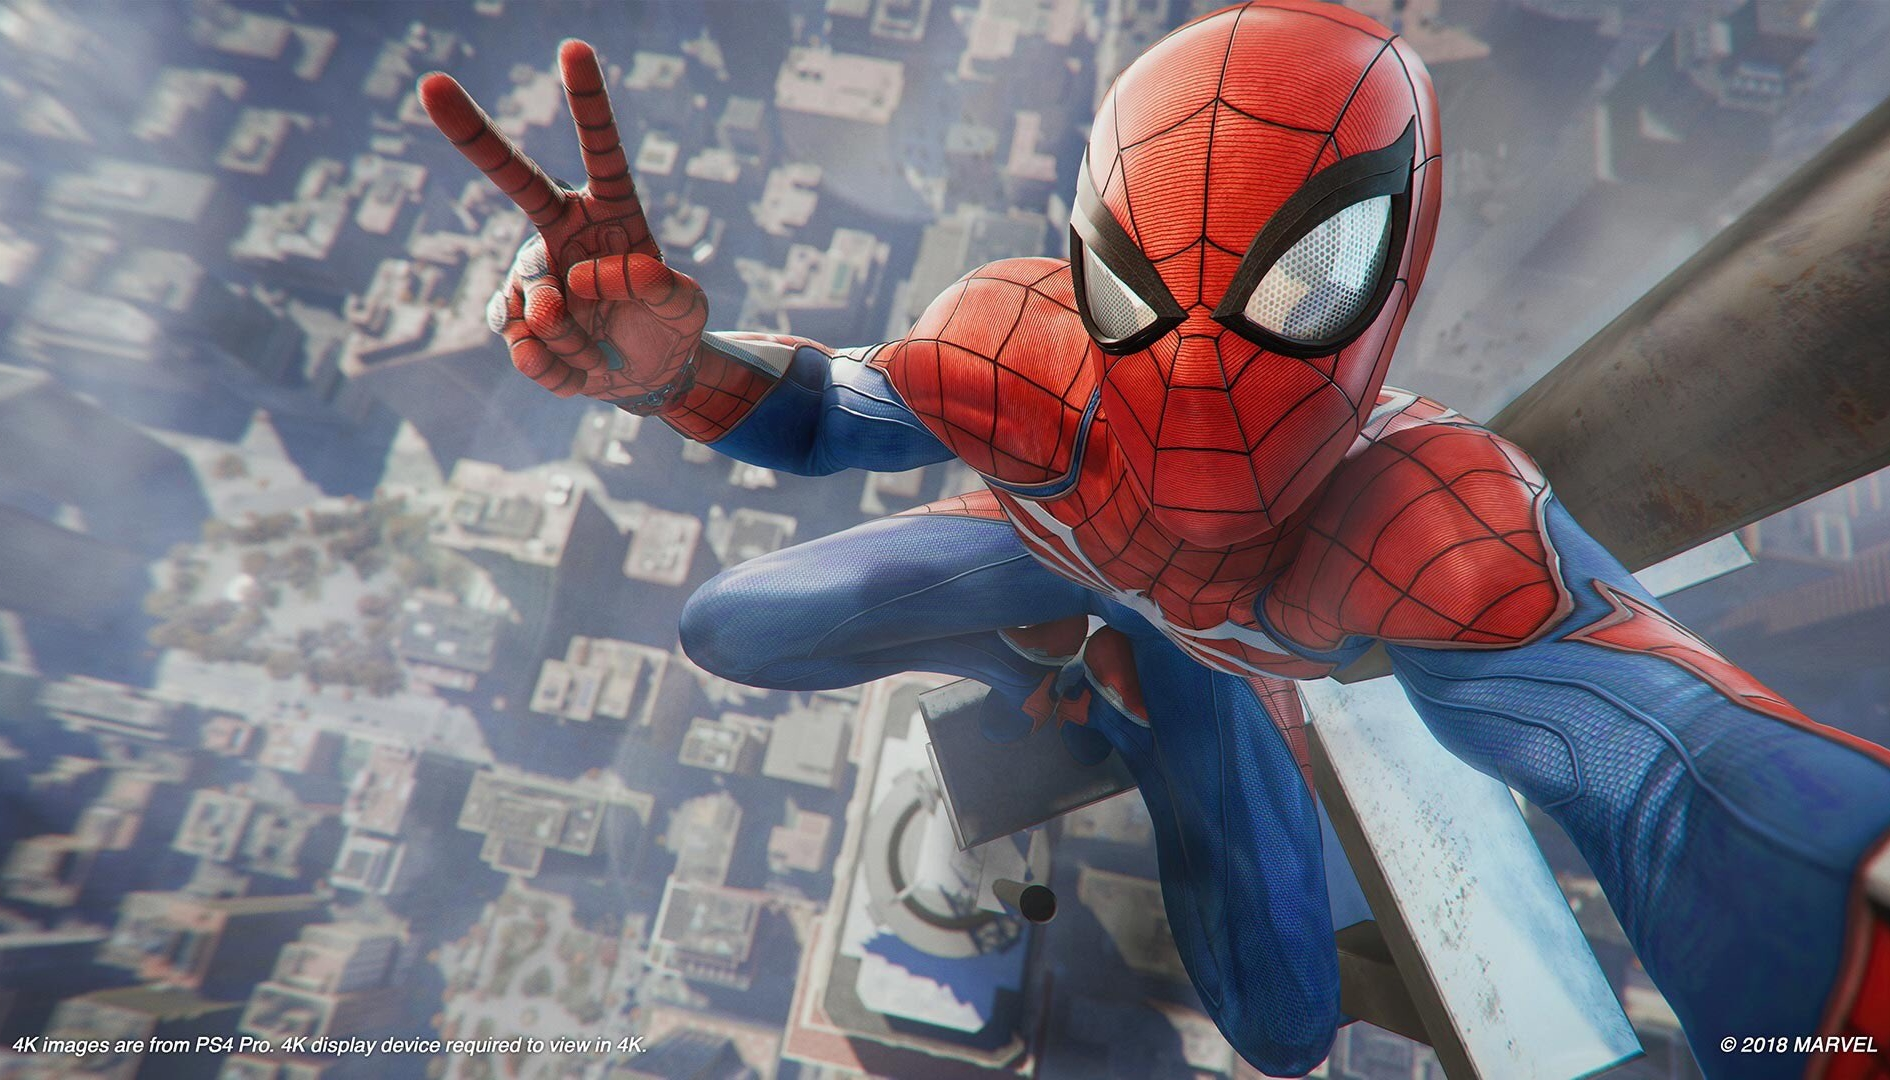 PS5 è il futuro per Marvel: Spider-Man 2 è già nei loro pensieri?